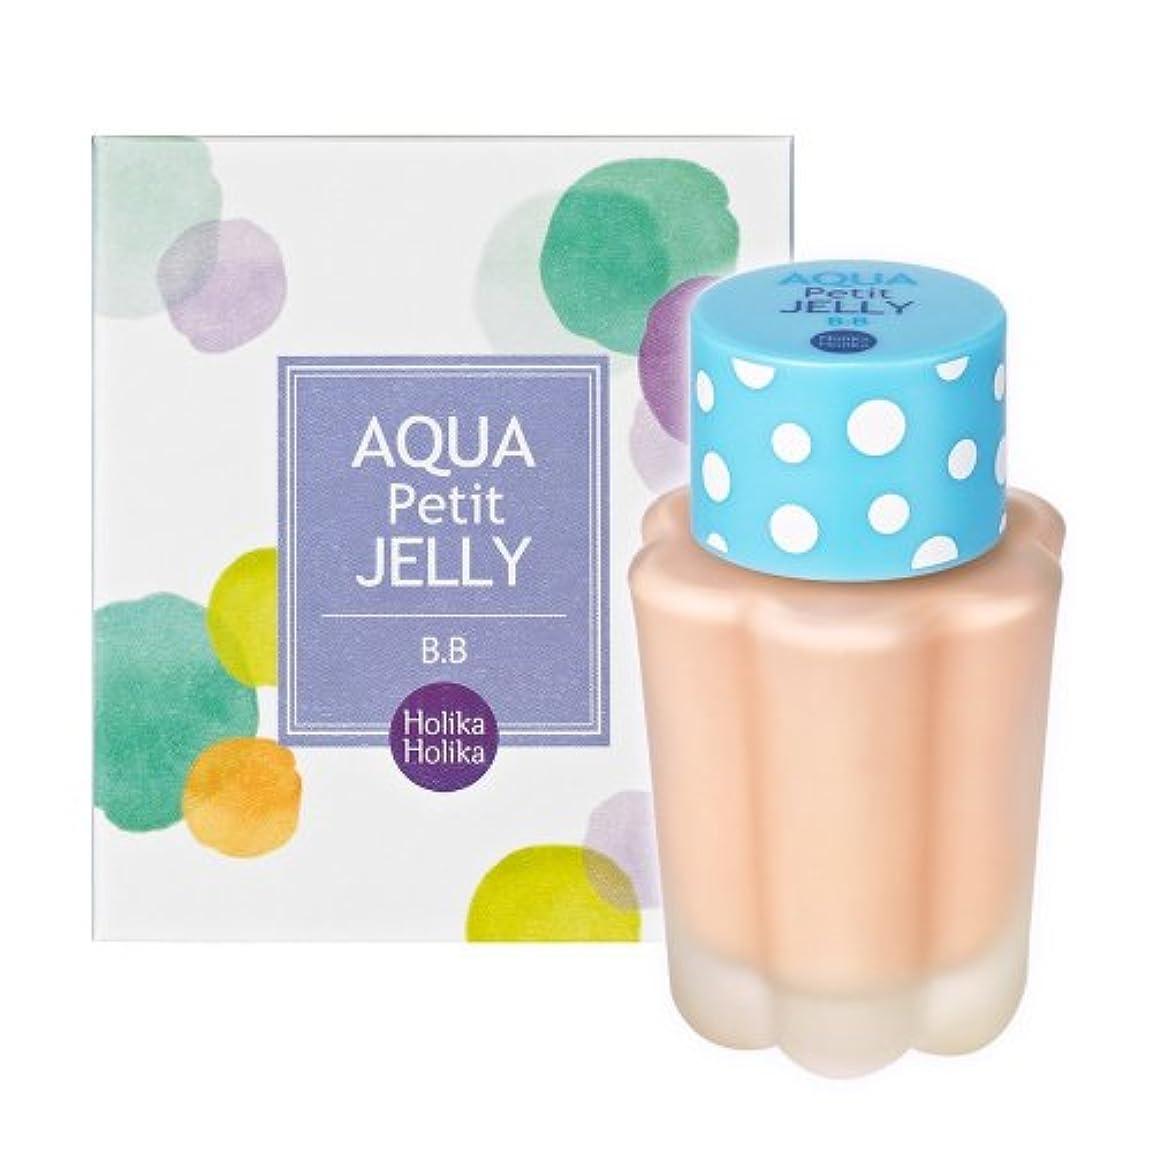 放出カトリック教徒ホイストHolika Holika ホリカホリカ アクア?プチ?ゼリー?ビービー?クリーム 40ml #2 (Aqua Petit jelly BB Cream) 海外直送品